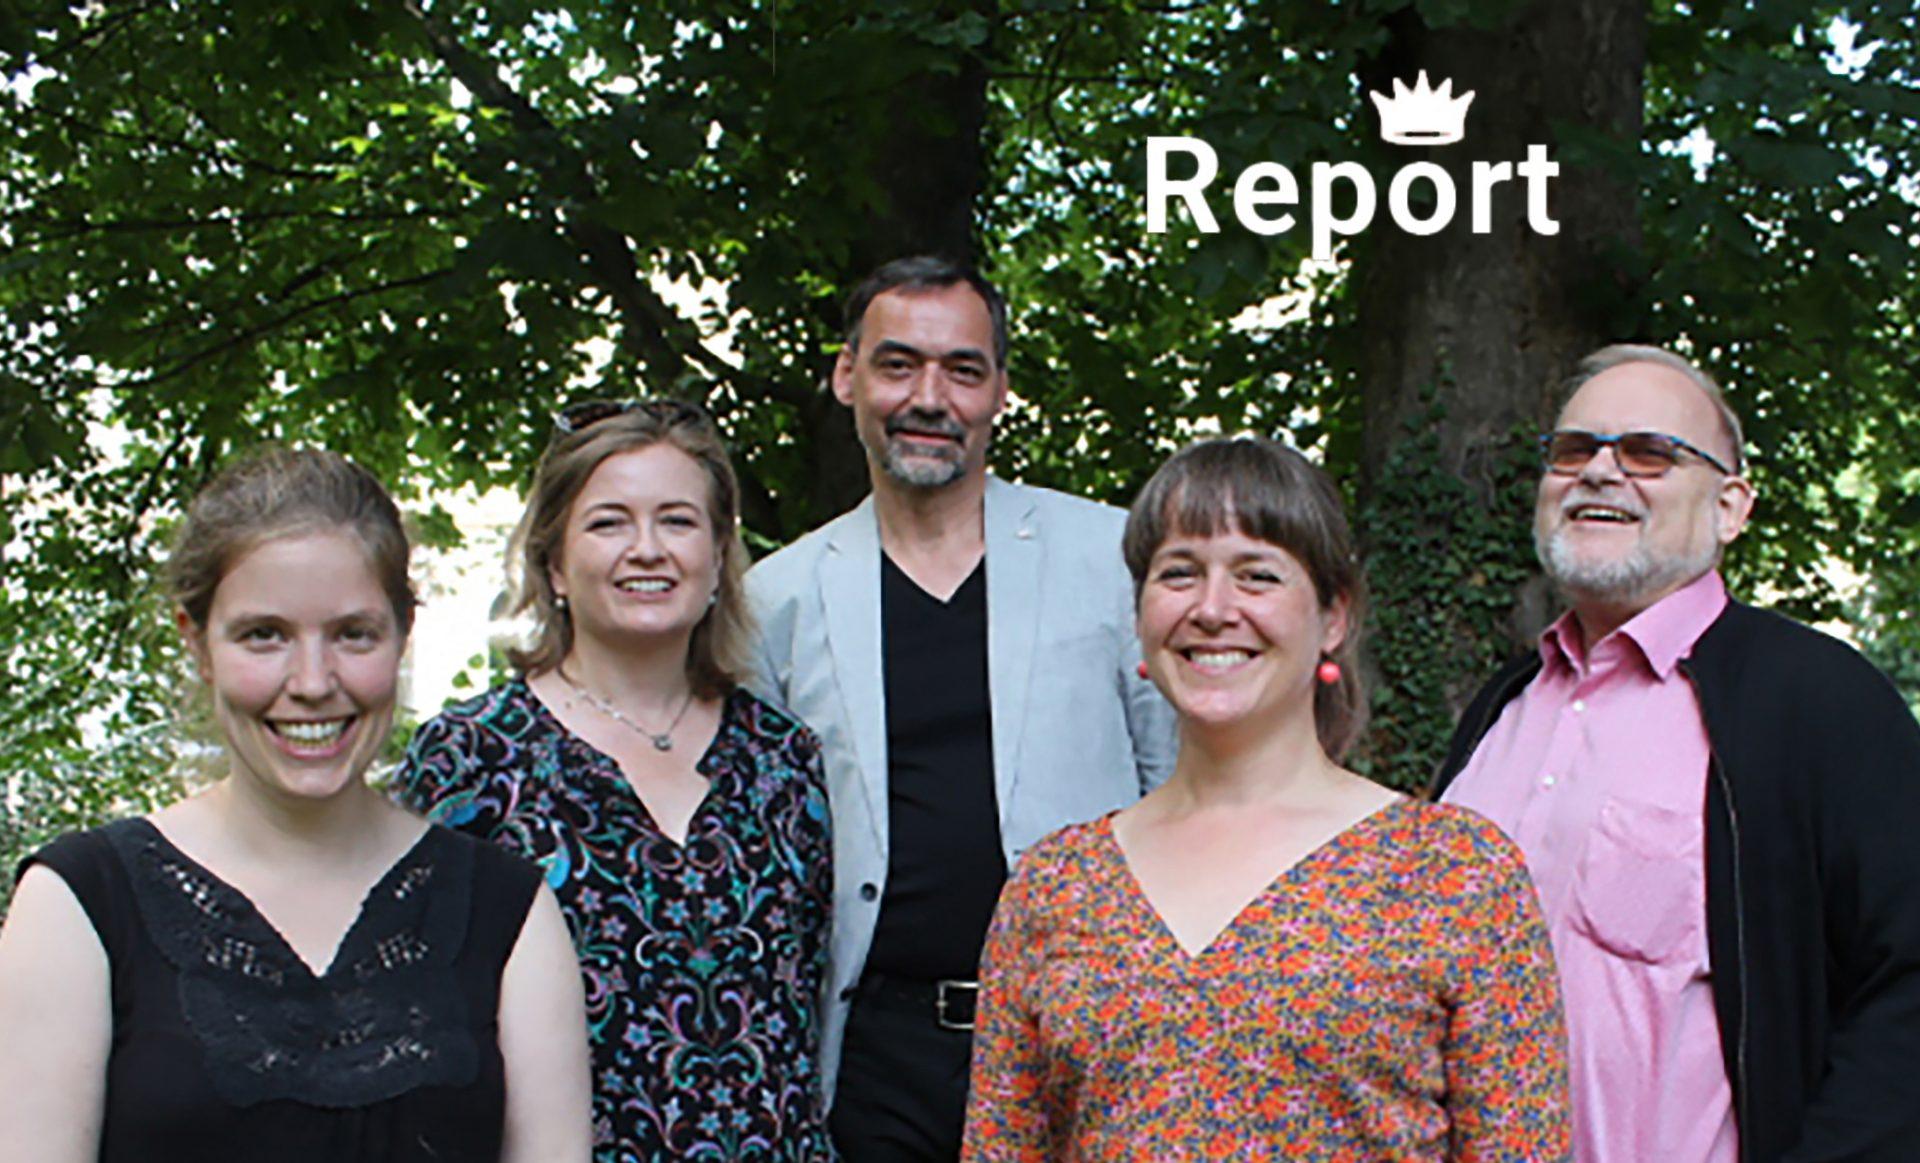 Das VDR-Präsidium 2021: (von links) Julia Brandt, Gisela Gulbins, Sven Taubert, Susanne Danter und Dirk Sturmfels